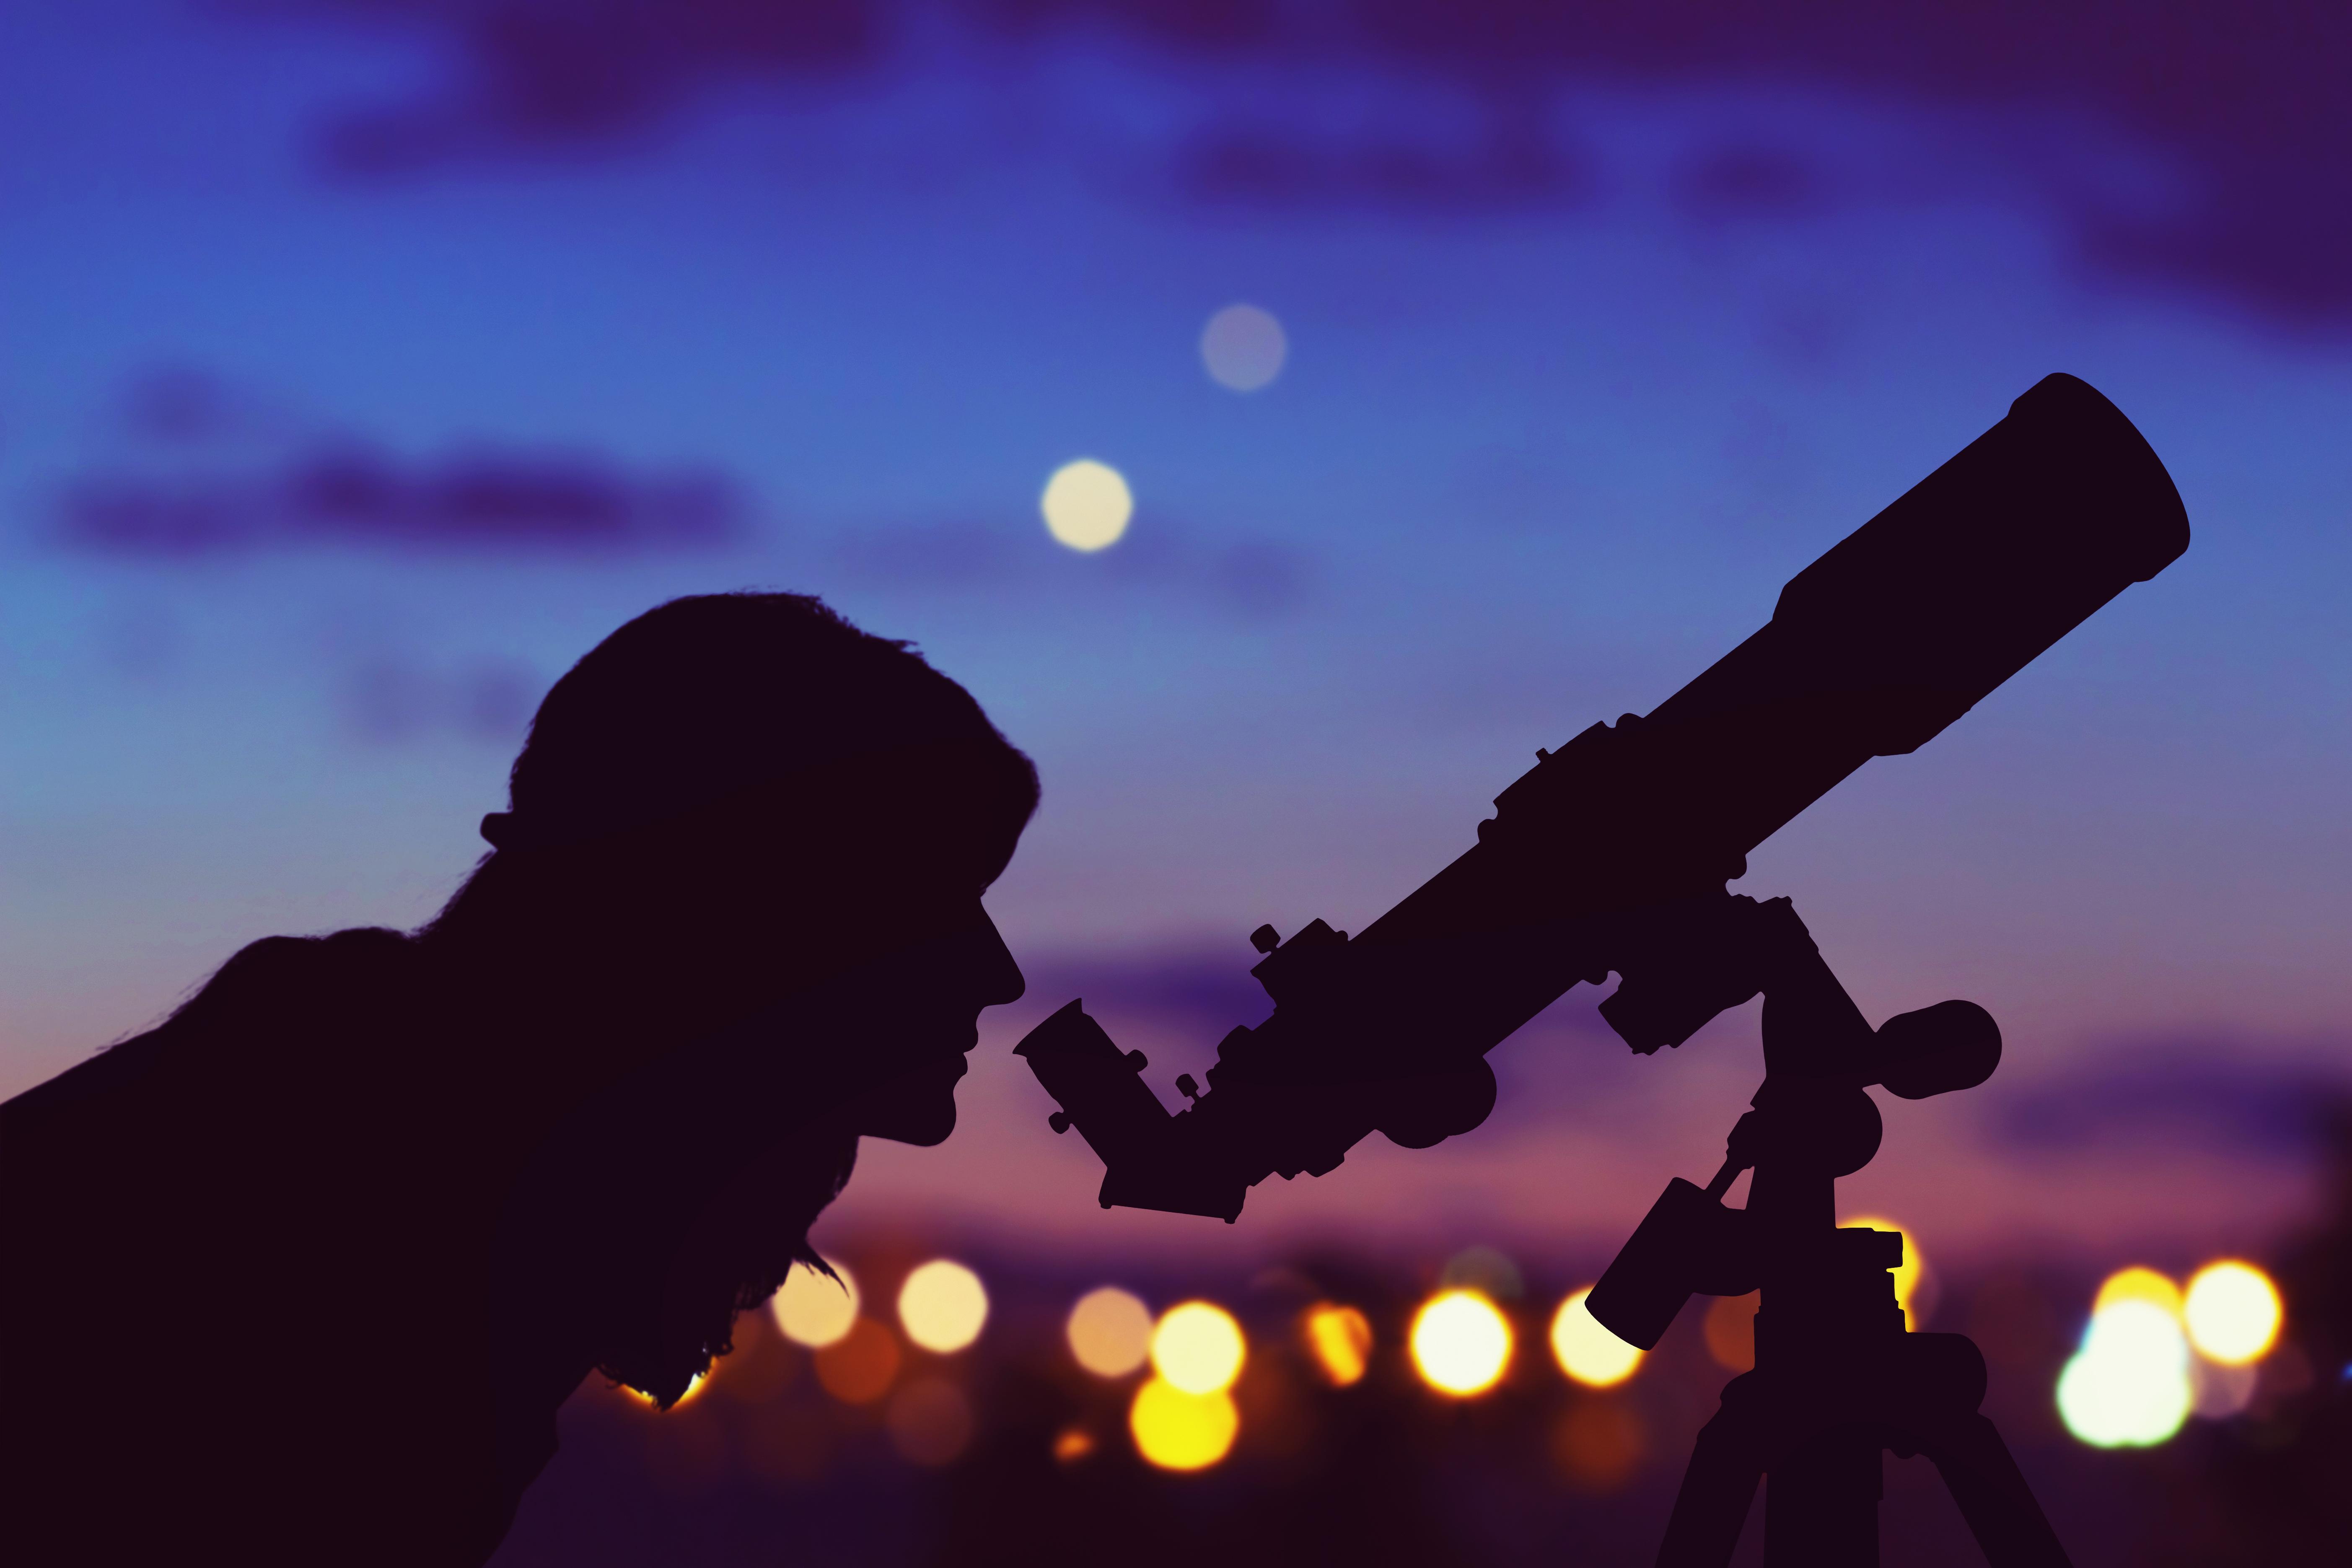 Kobieta z teleskopem i obserwacja nieba